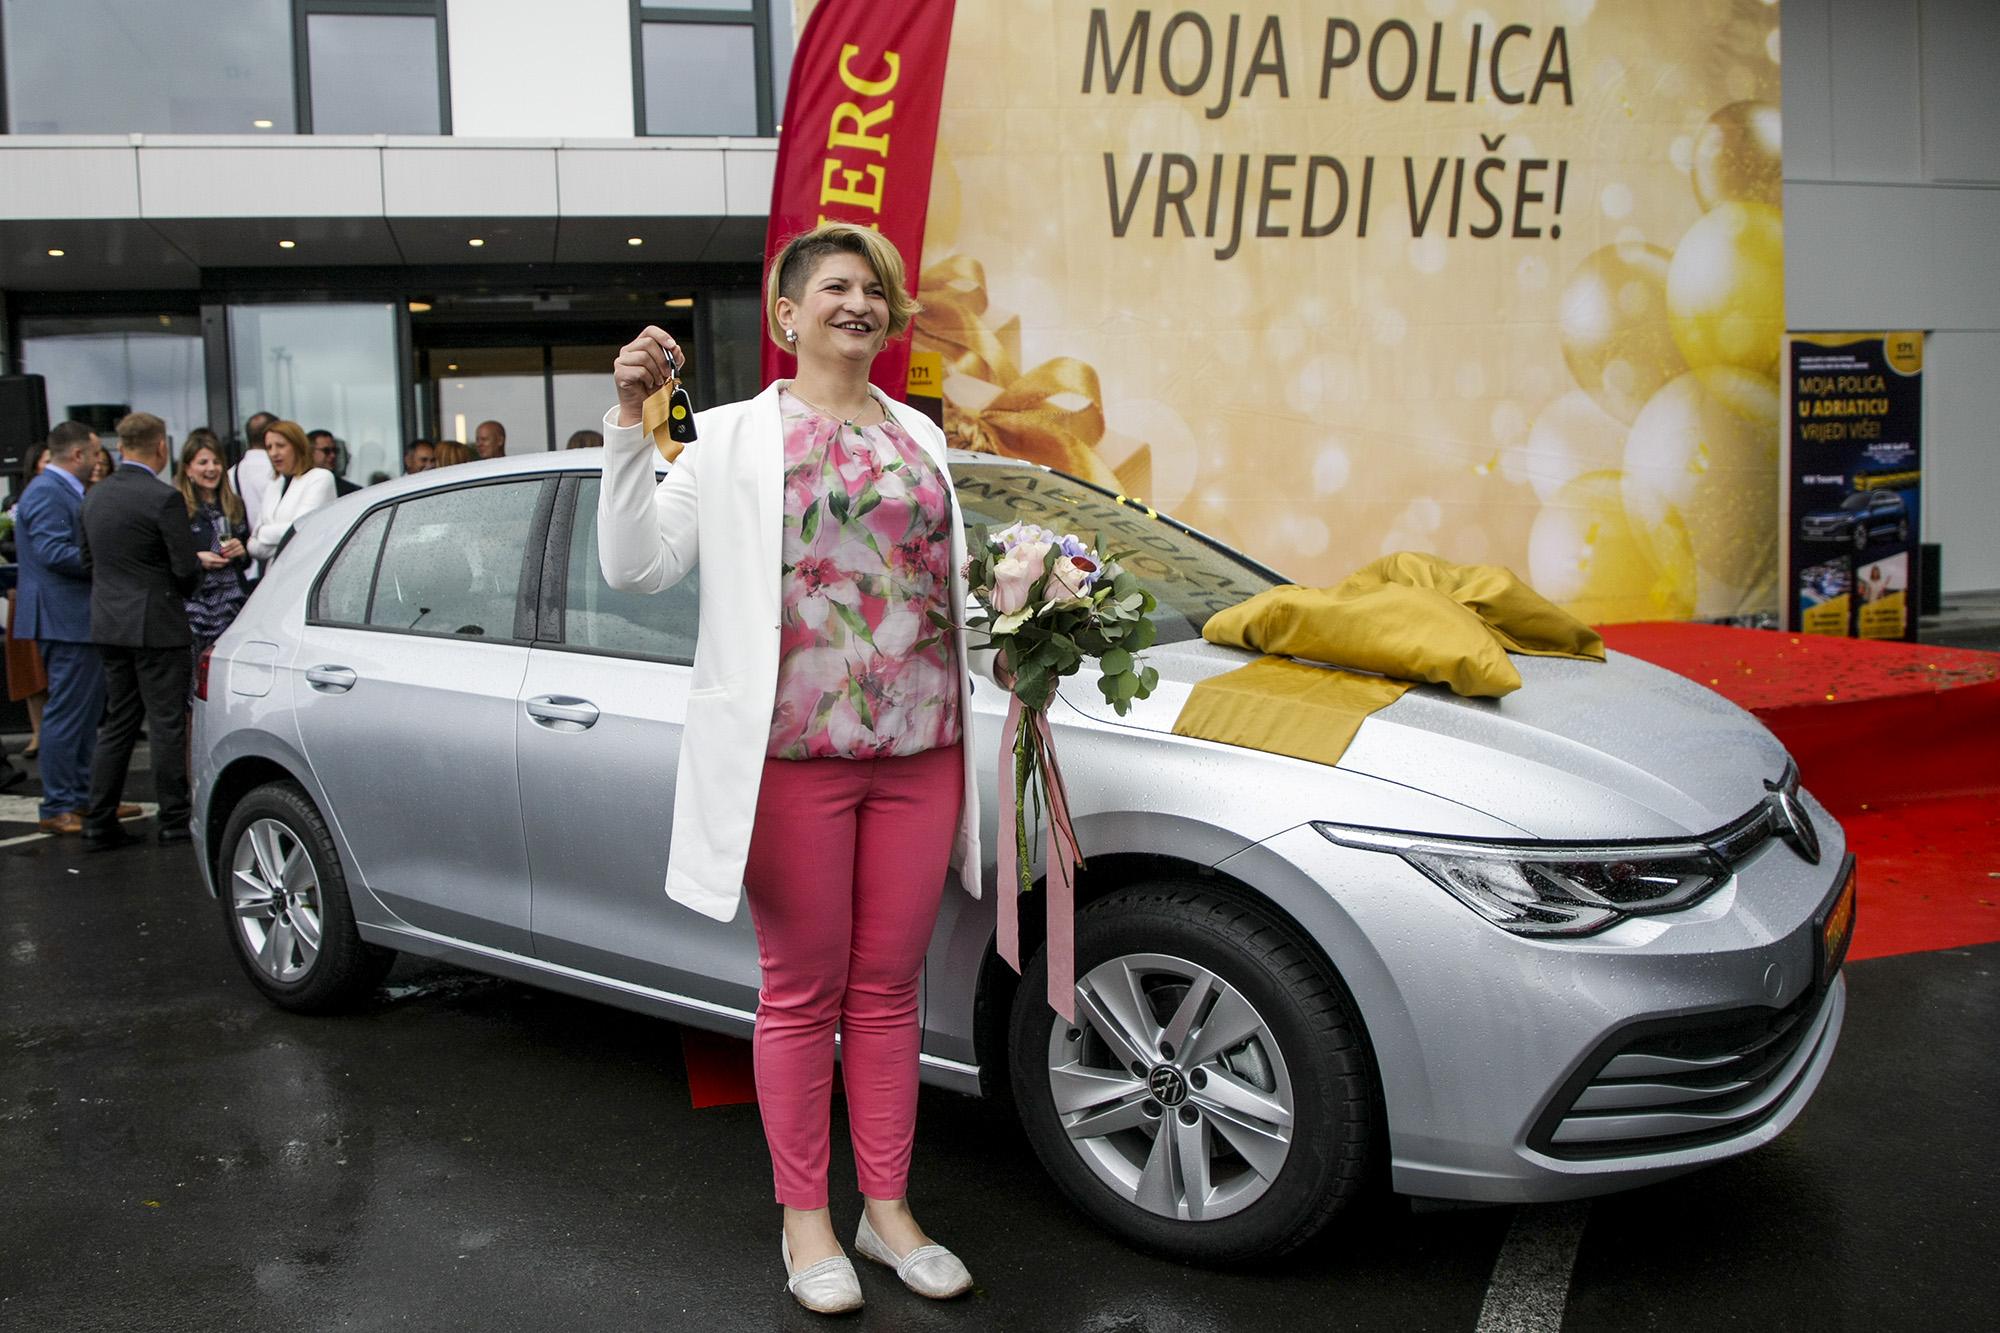 Zagreb, 09.06.2020 - Euroherc i Adriatic dodijelili novèane nagrade i atraktivne Golfove 8 u prvom kolu nagradnih igara Moja polica u Eurohercu/Adriaticu vrijedi vie Na zadnjoj dodjeli prvog kola u Zagrebu, dvadeset sretnih dobitnika preuzelo je po 5.000 kuna na potroaèkoj kartici Agram banke, dok su dva najsretnija osiguranika sjela za upravljaèe najnovijih VW Golfova - eljno oèekivanih osmica, koje su dobili s ukljuèenim osiguranjem od automobilske odgovornosti i kasko osiguranjem. Na slici: Marija ariæ,osiguranica Euroherca, iz Hrvatske Kostajnice dobitnica Golfa 8.